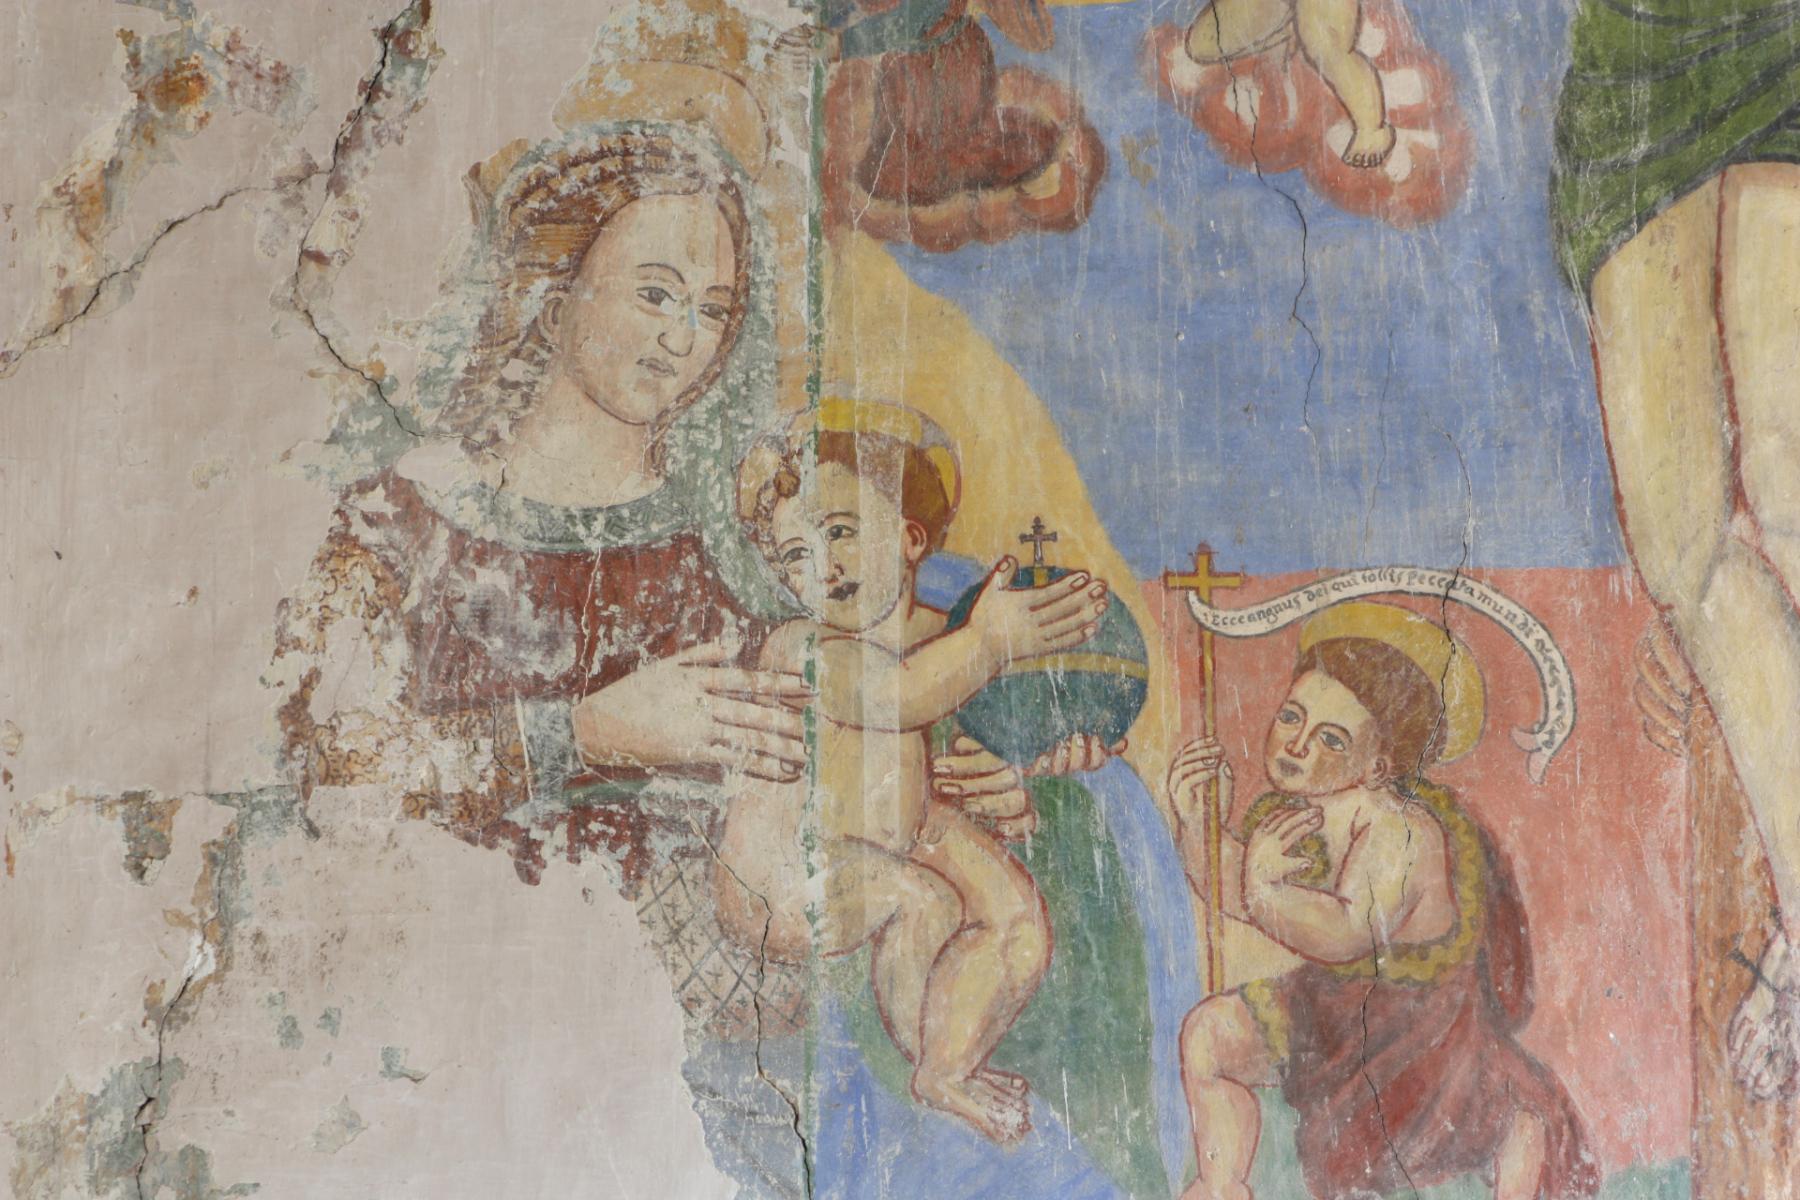 Chiesa di San Sebastiano - Madonna con Bambino e San Giovannino - Castel San Felice1920